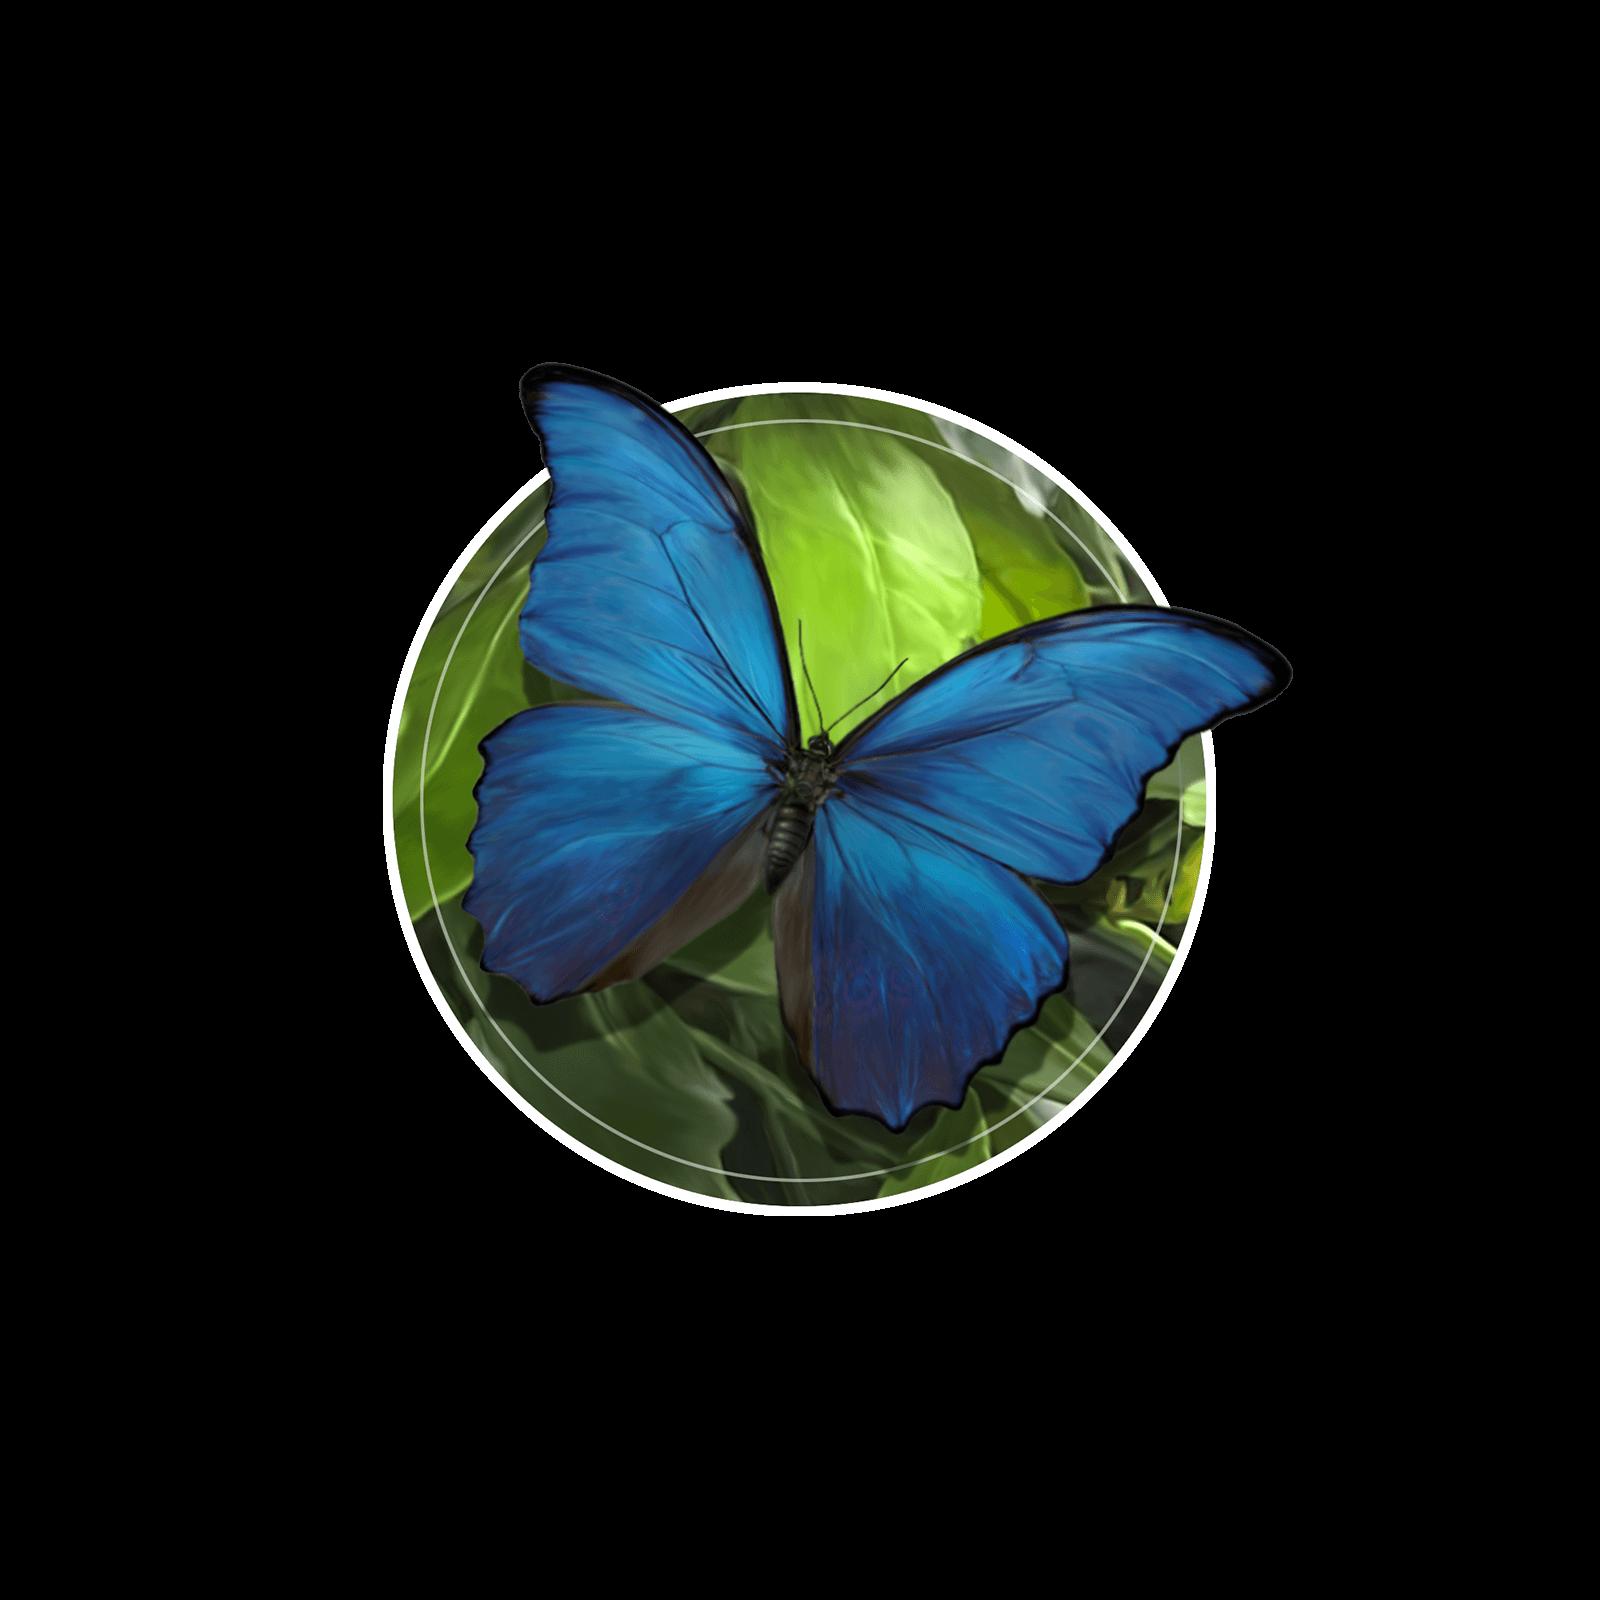 Ilustração de uma borboleta azul iridescente no tronco de uma árvore